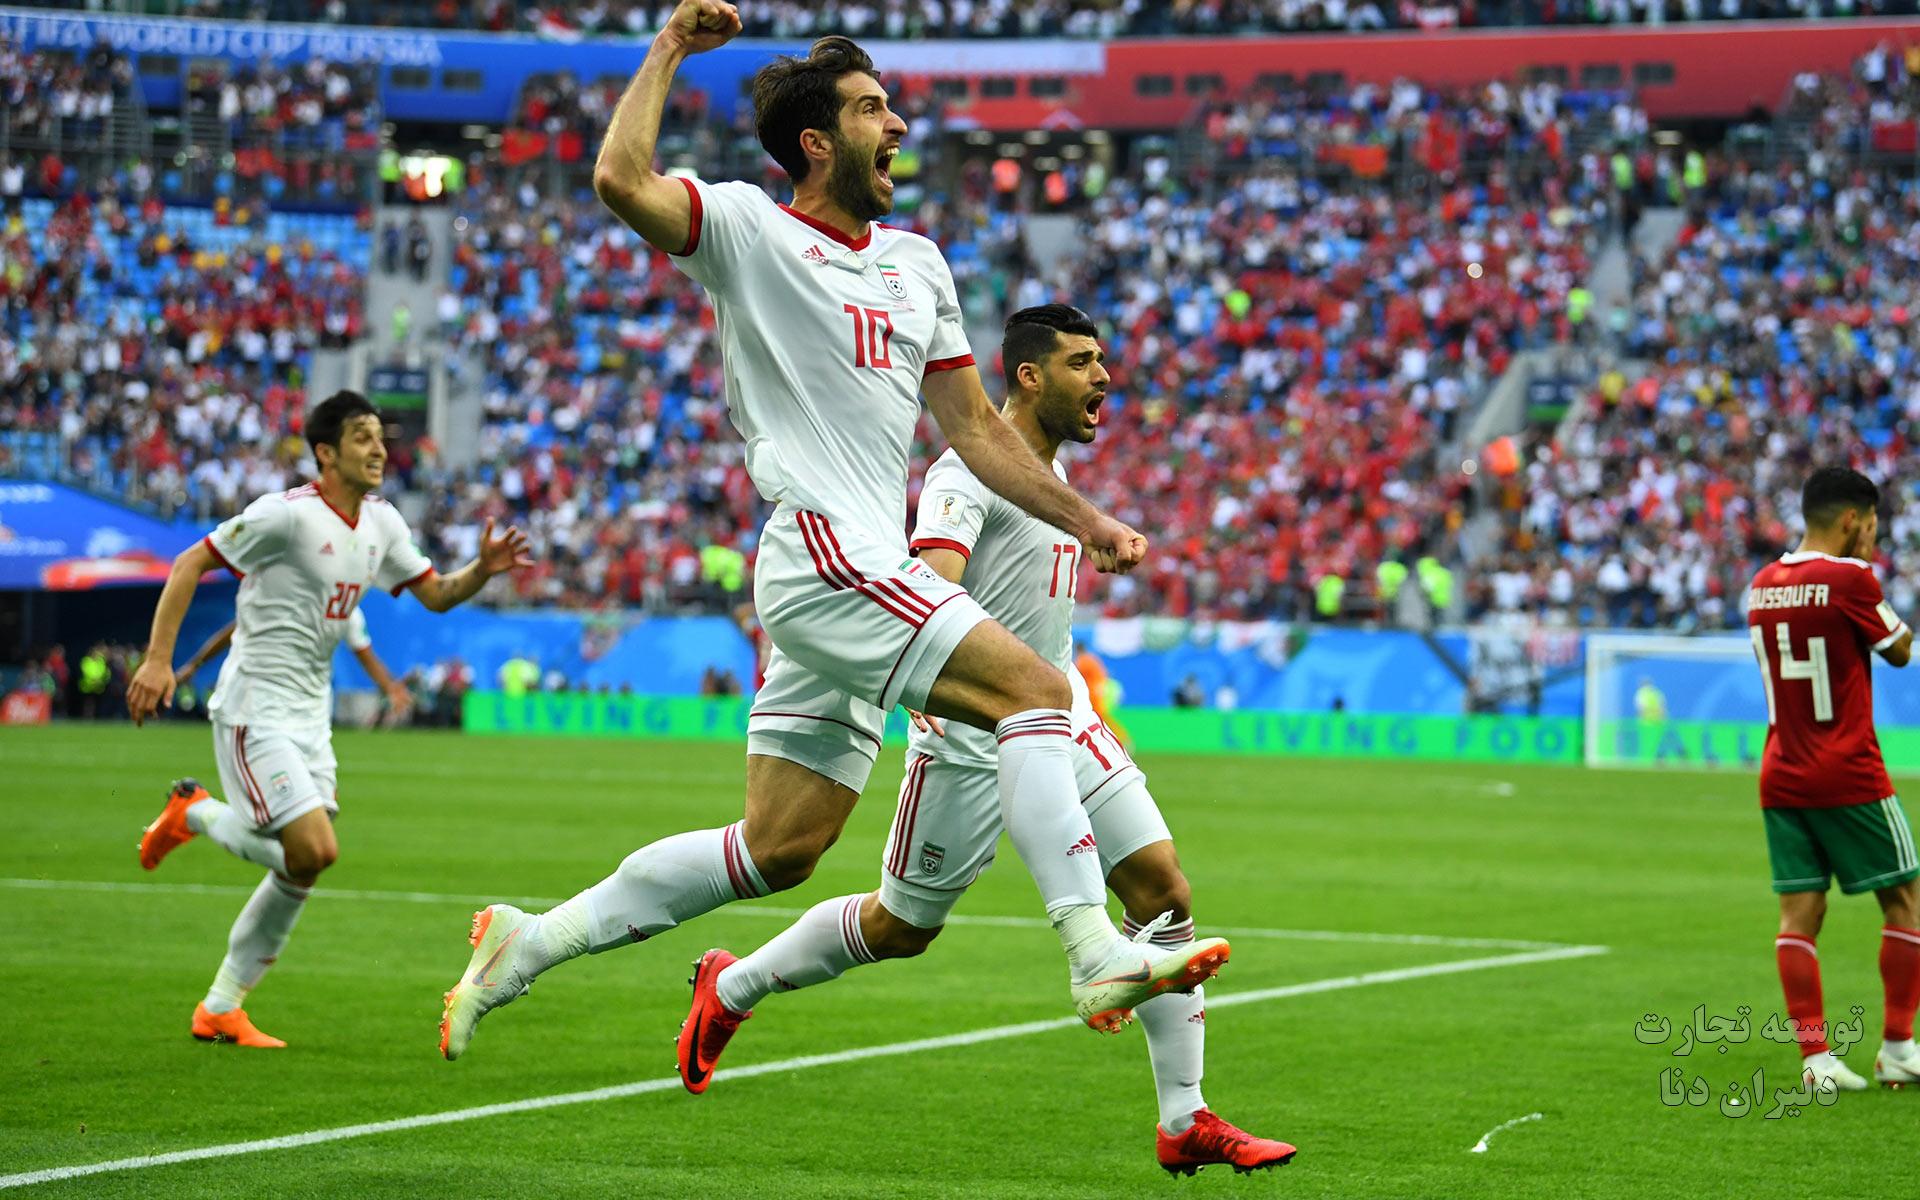 تصاویر با کیفیت تیم ملی فوتبال ایران برای پس زمینه 6